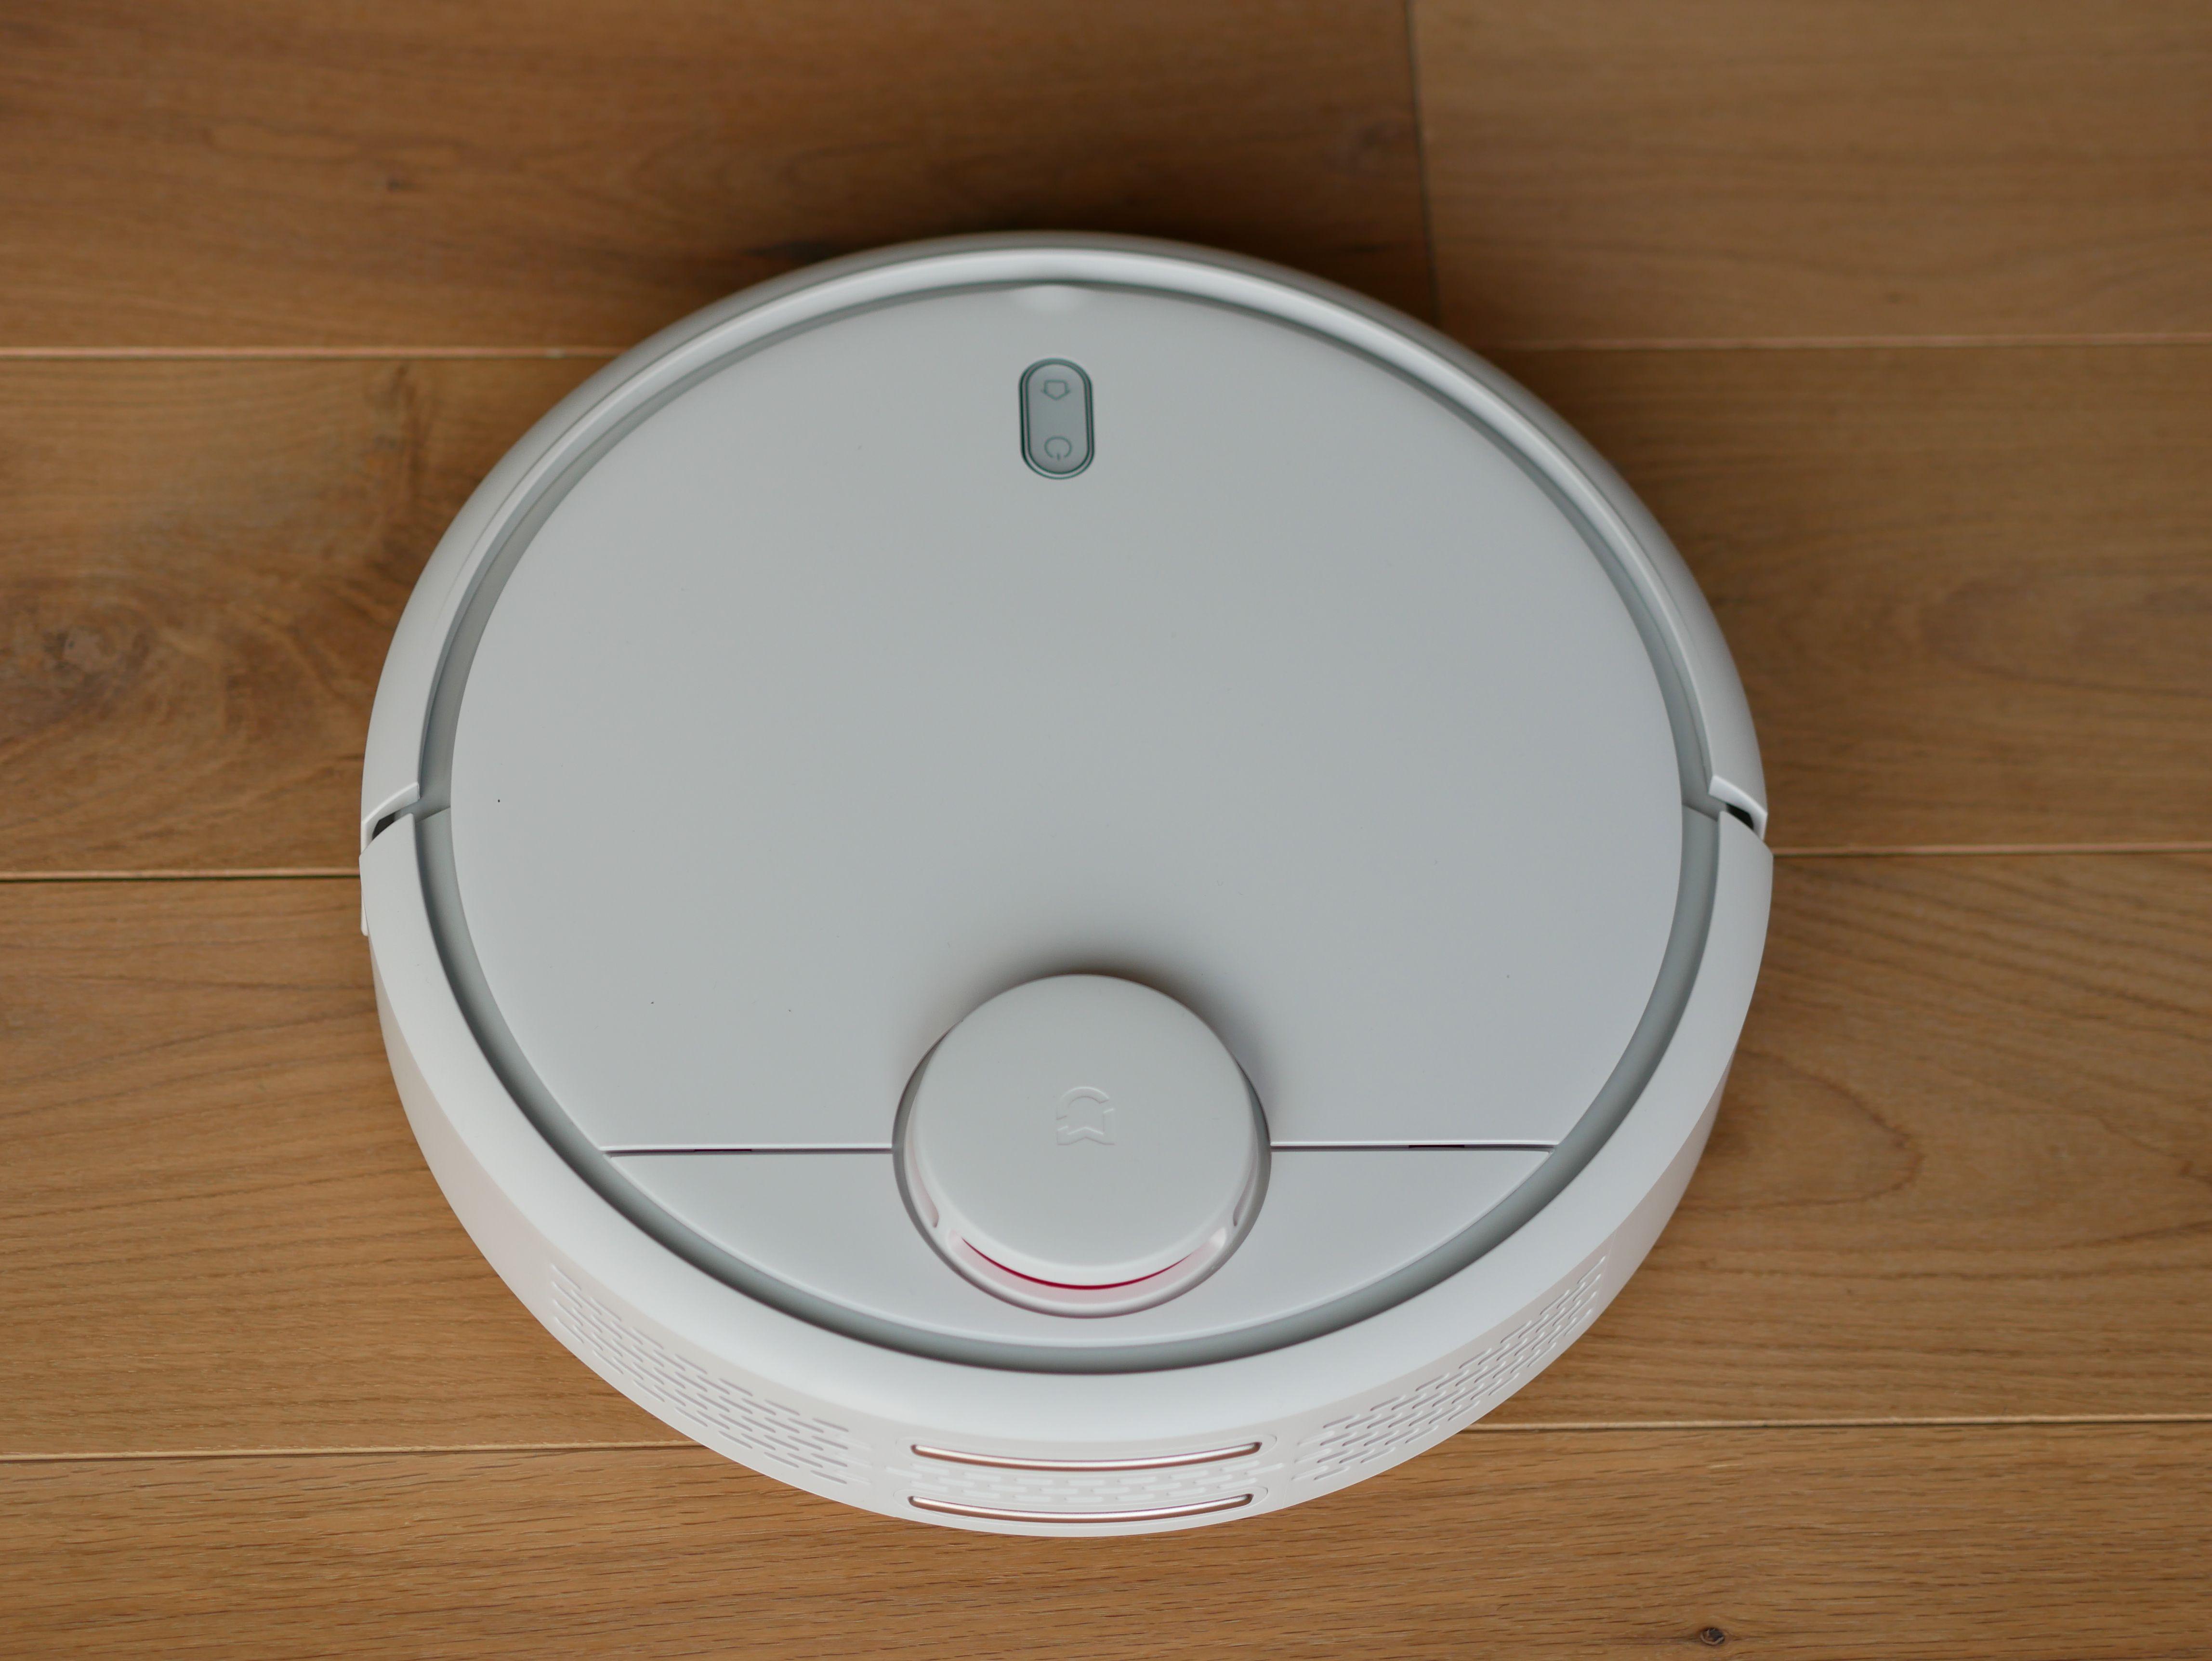 Fußboden Ideen Xiaomi ~ Xiaomi mi robot test saugroboter mit app steuerung